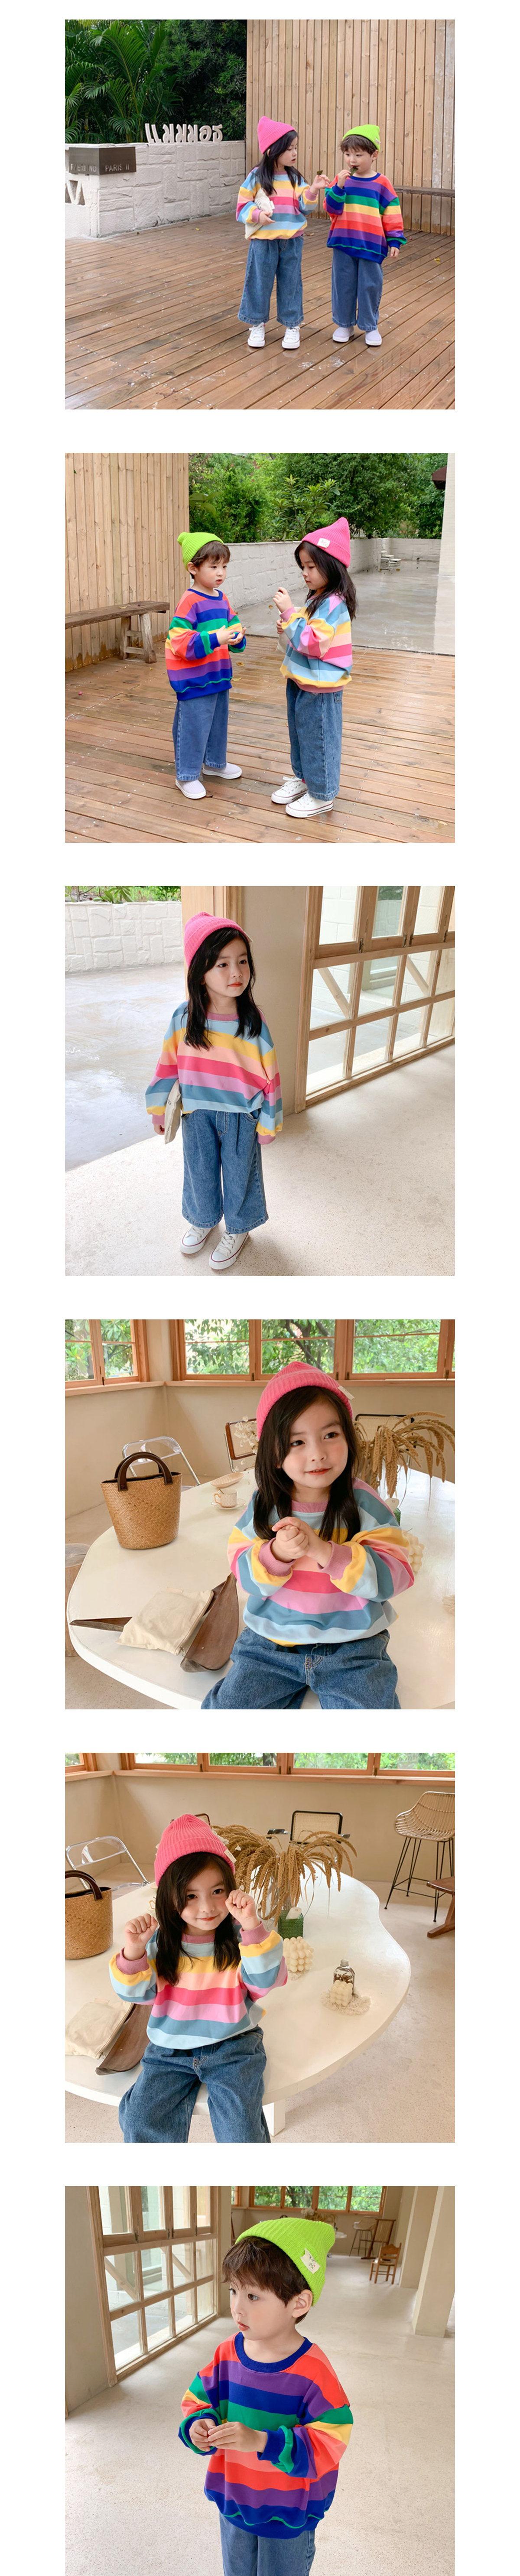 滿版彩虹條紋寬鬆圓領上衣.童裝